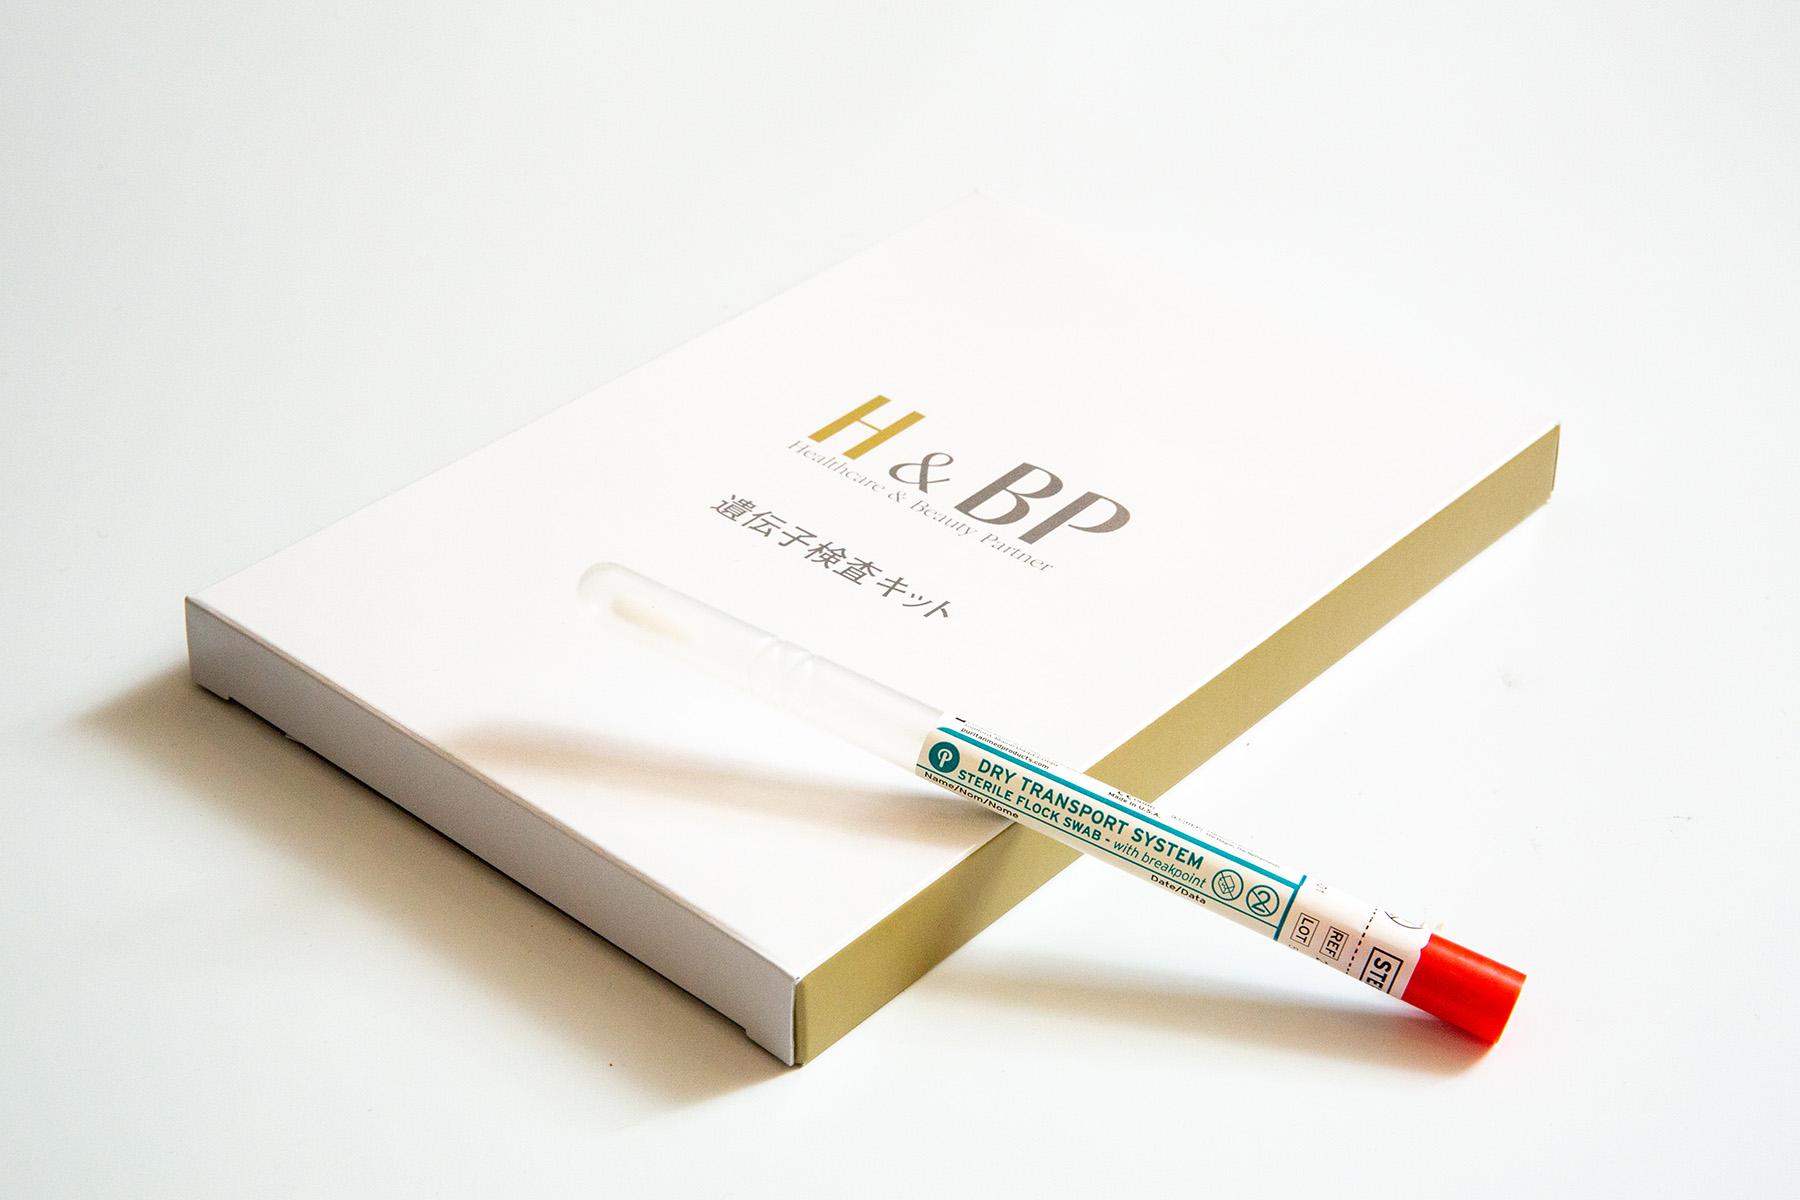 h&b製品画像